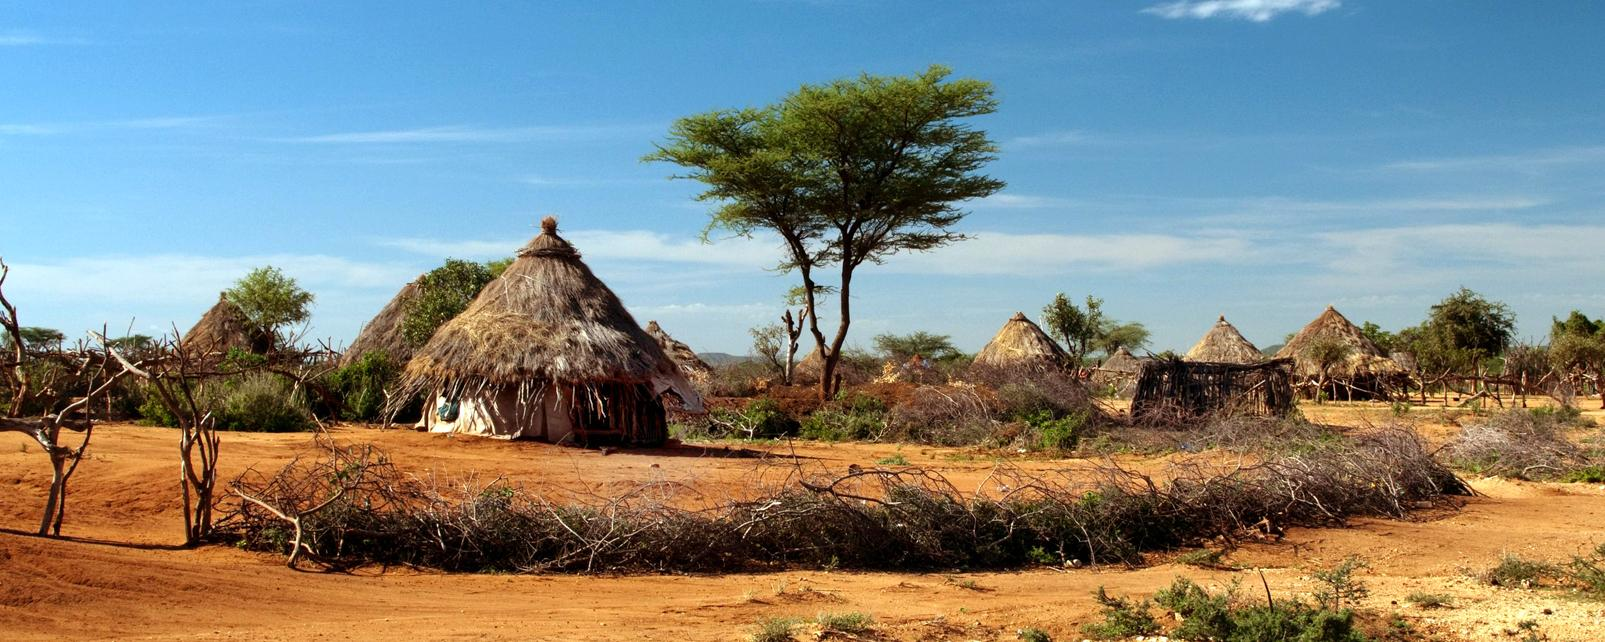 Afrique, Guinée équatoriale, village, hutte, arbre, savane, tribal,